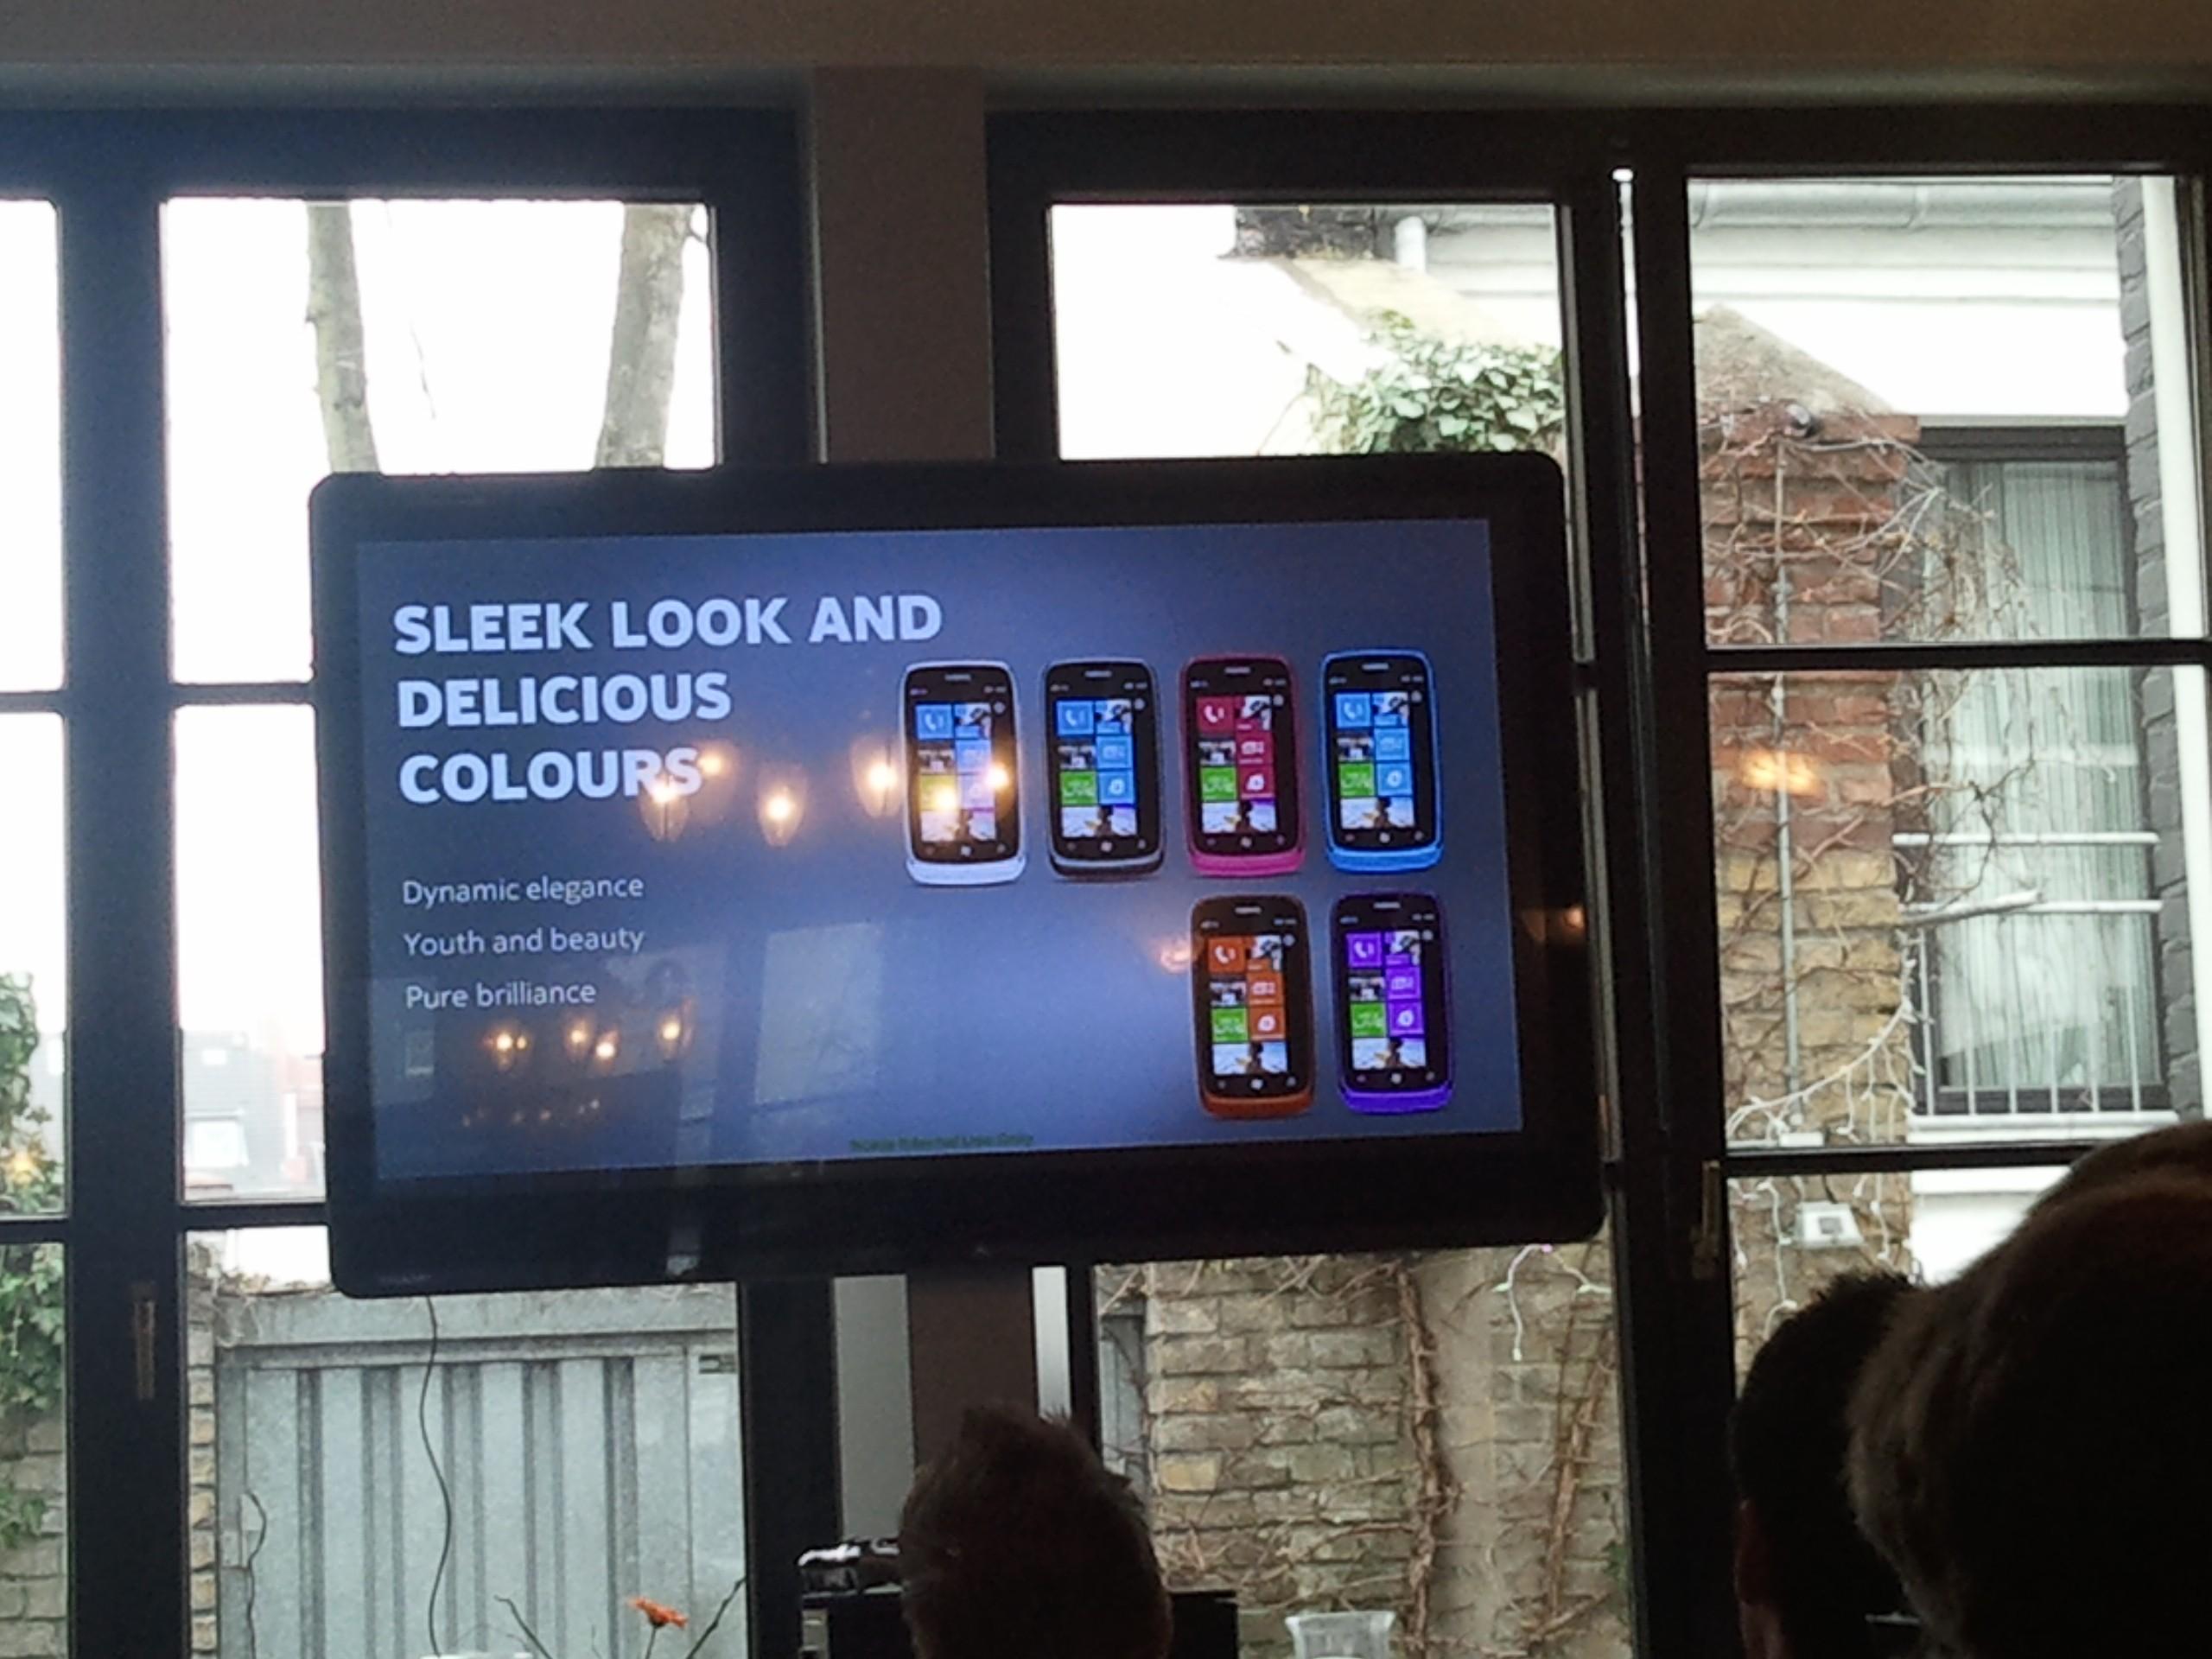 Nokia Lumia 610 kommt in verschiedenen Farben – auch orange und lila